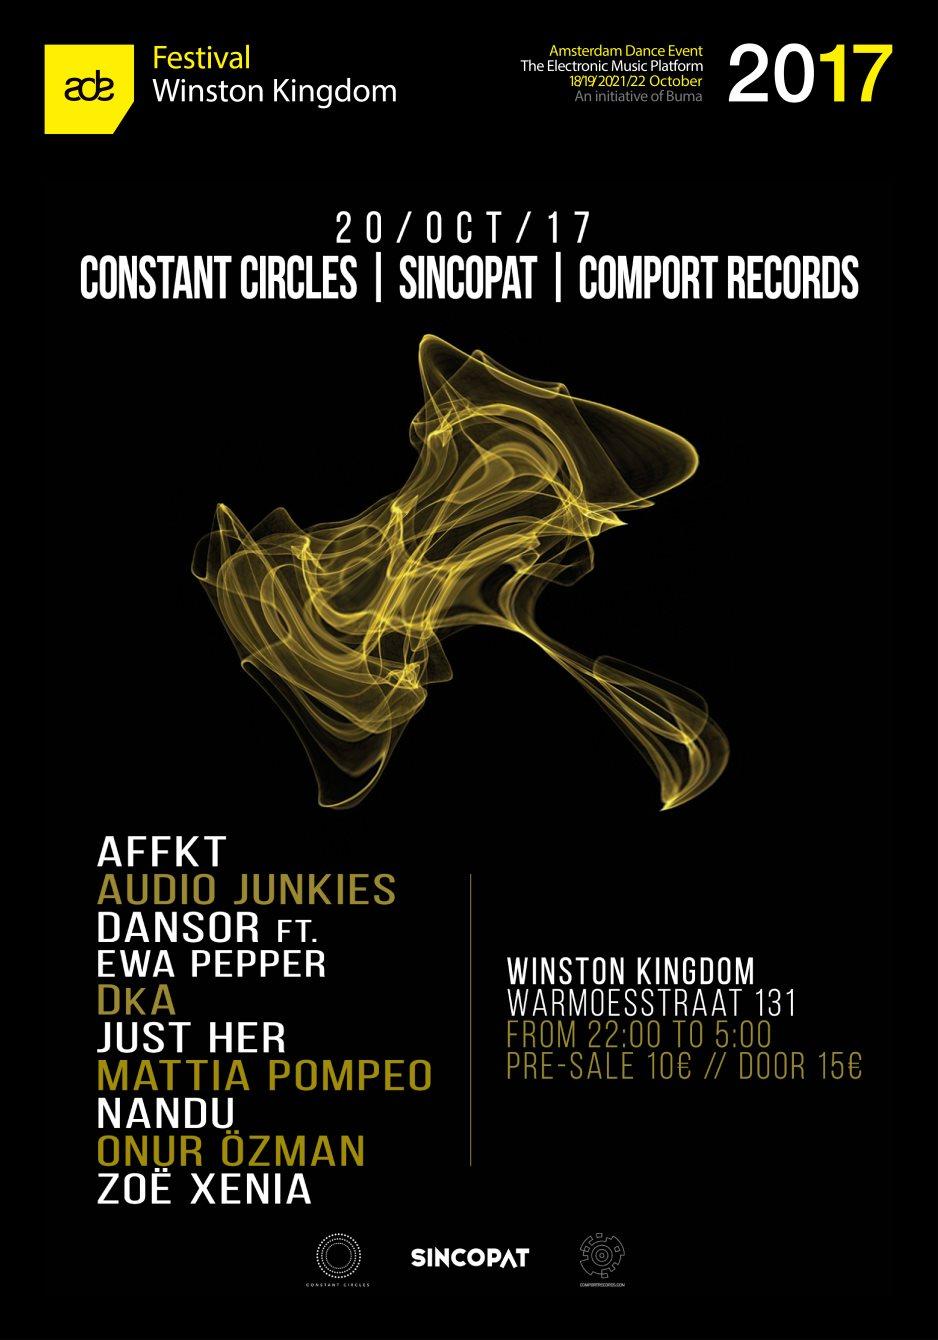 Constant Circles I Sincopat I Comport Records - Flyer front